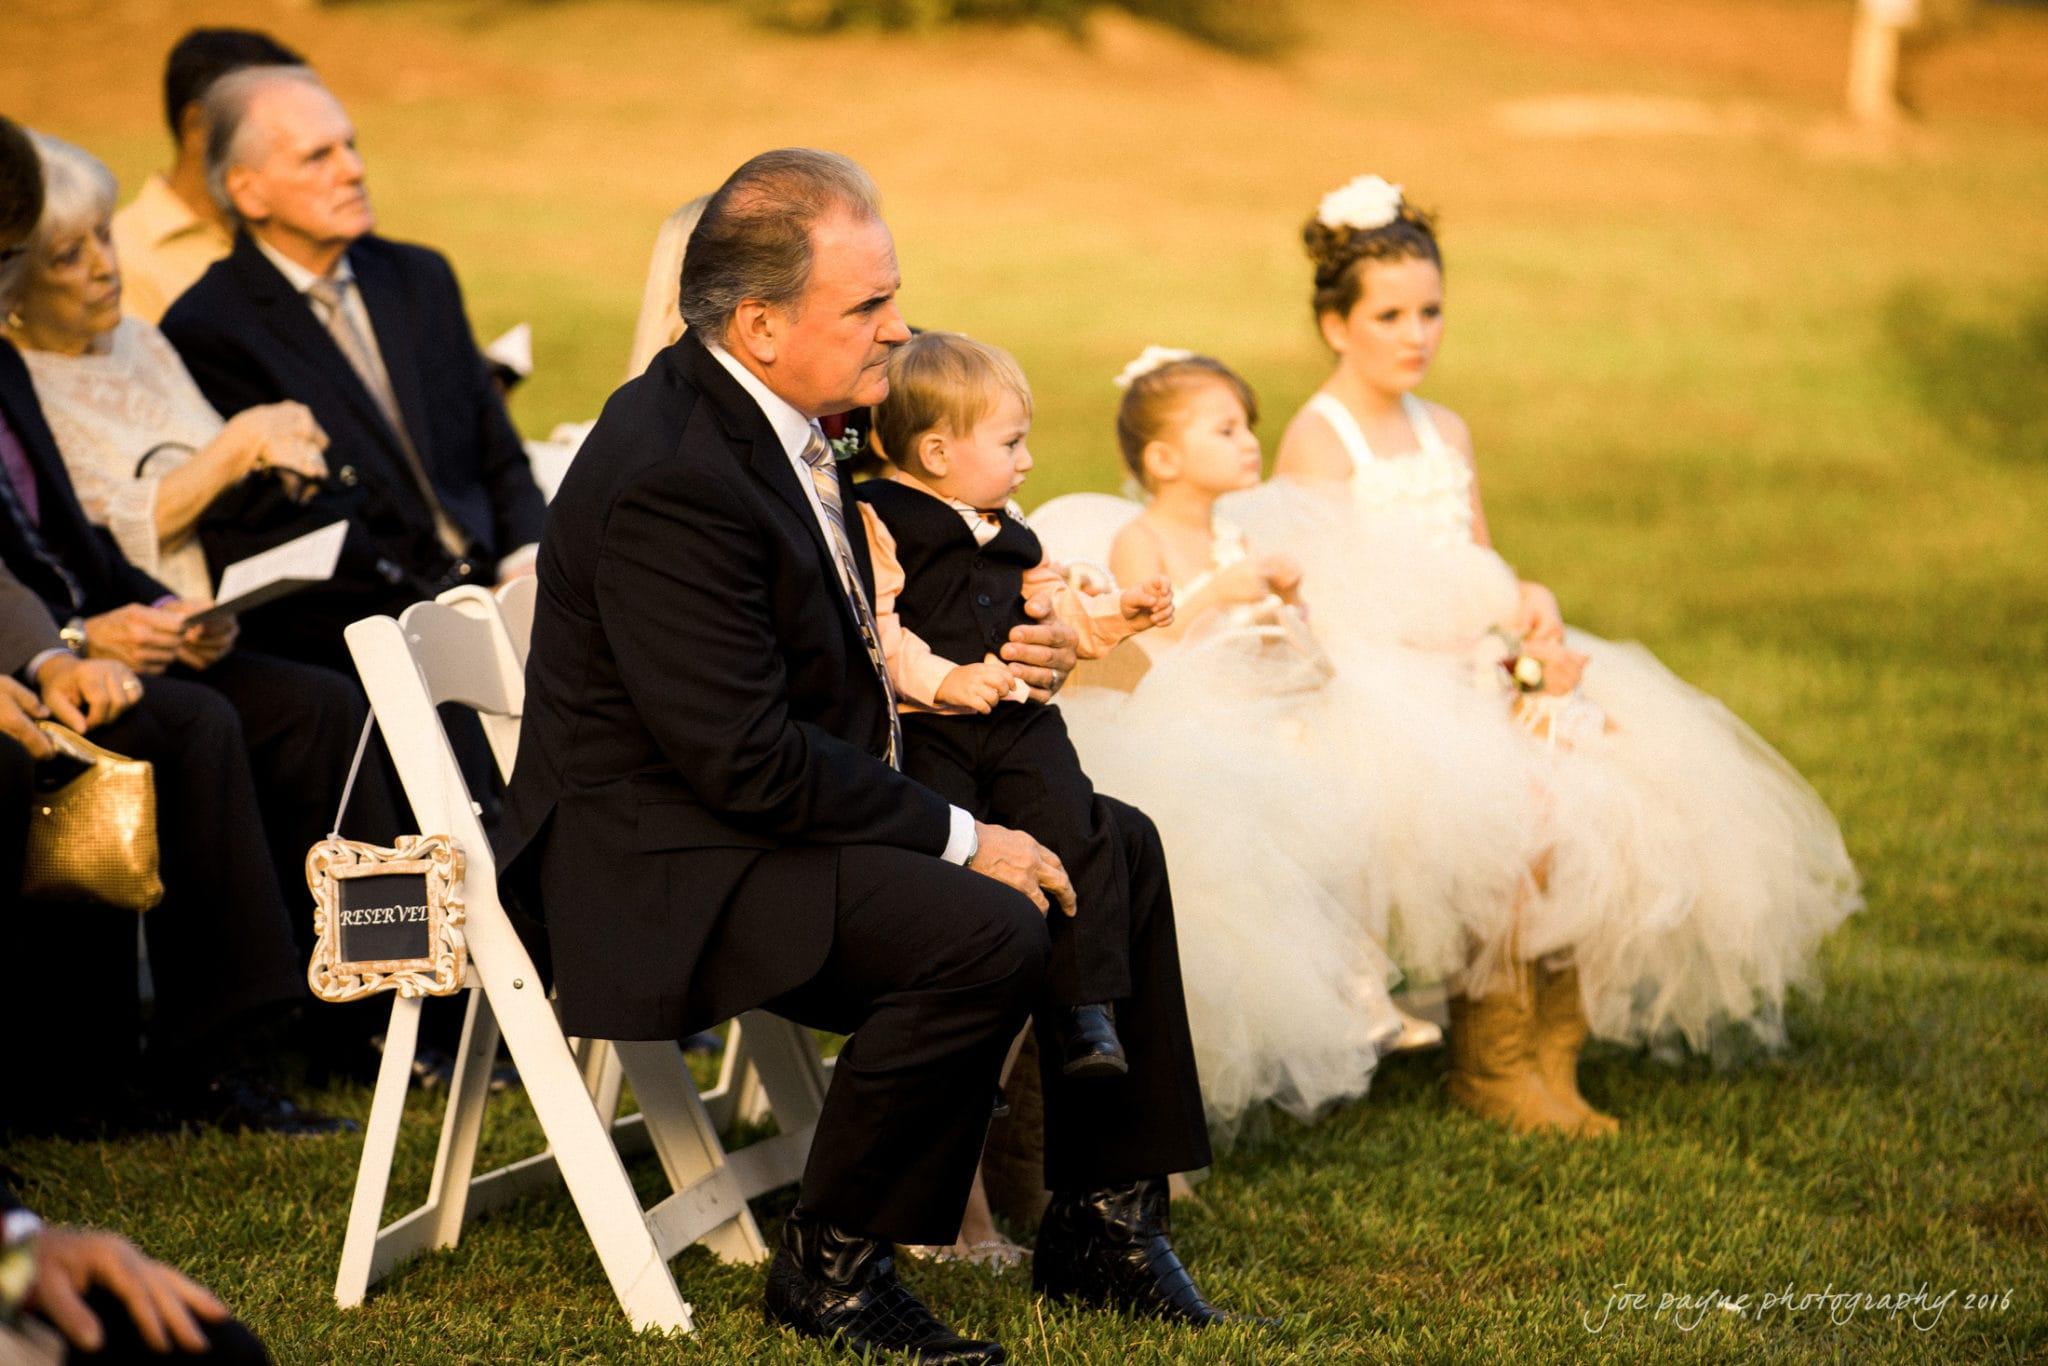 shady-wagon-farm-wedding-photography-danielle-josh-13